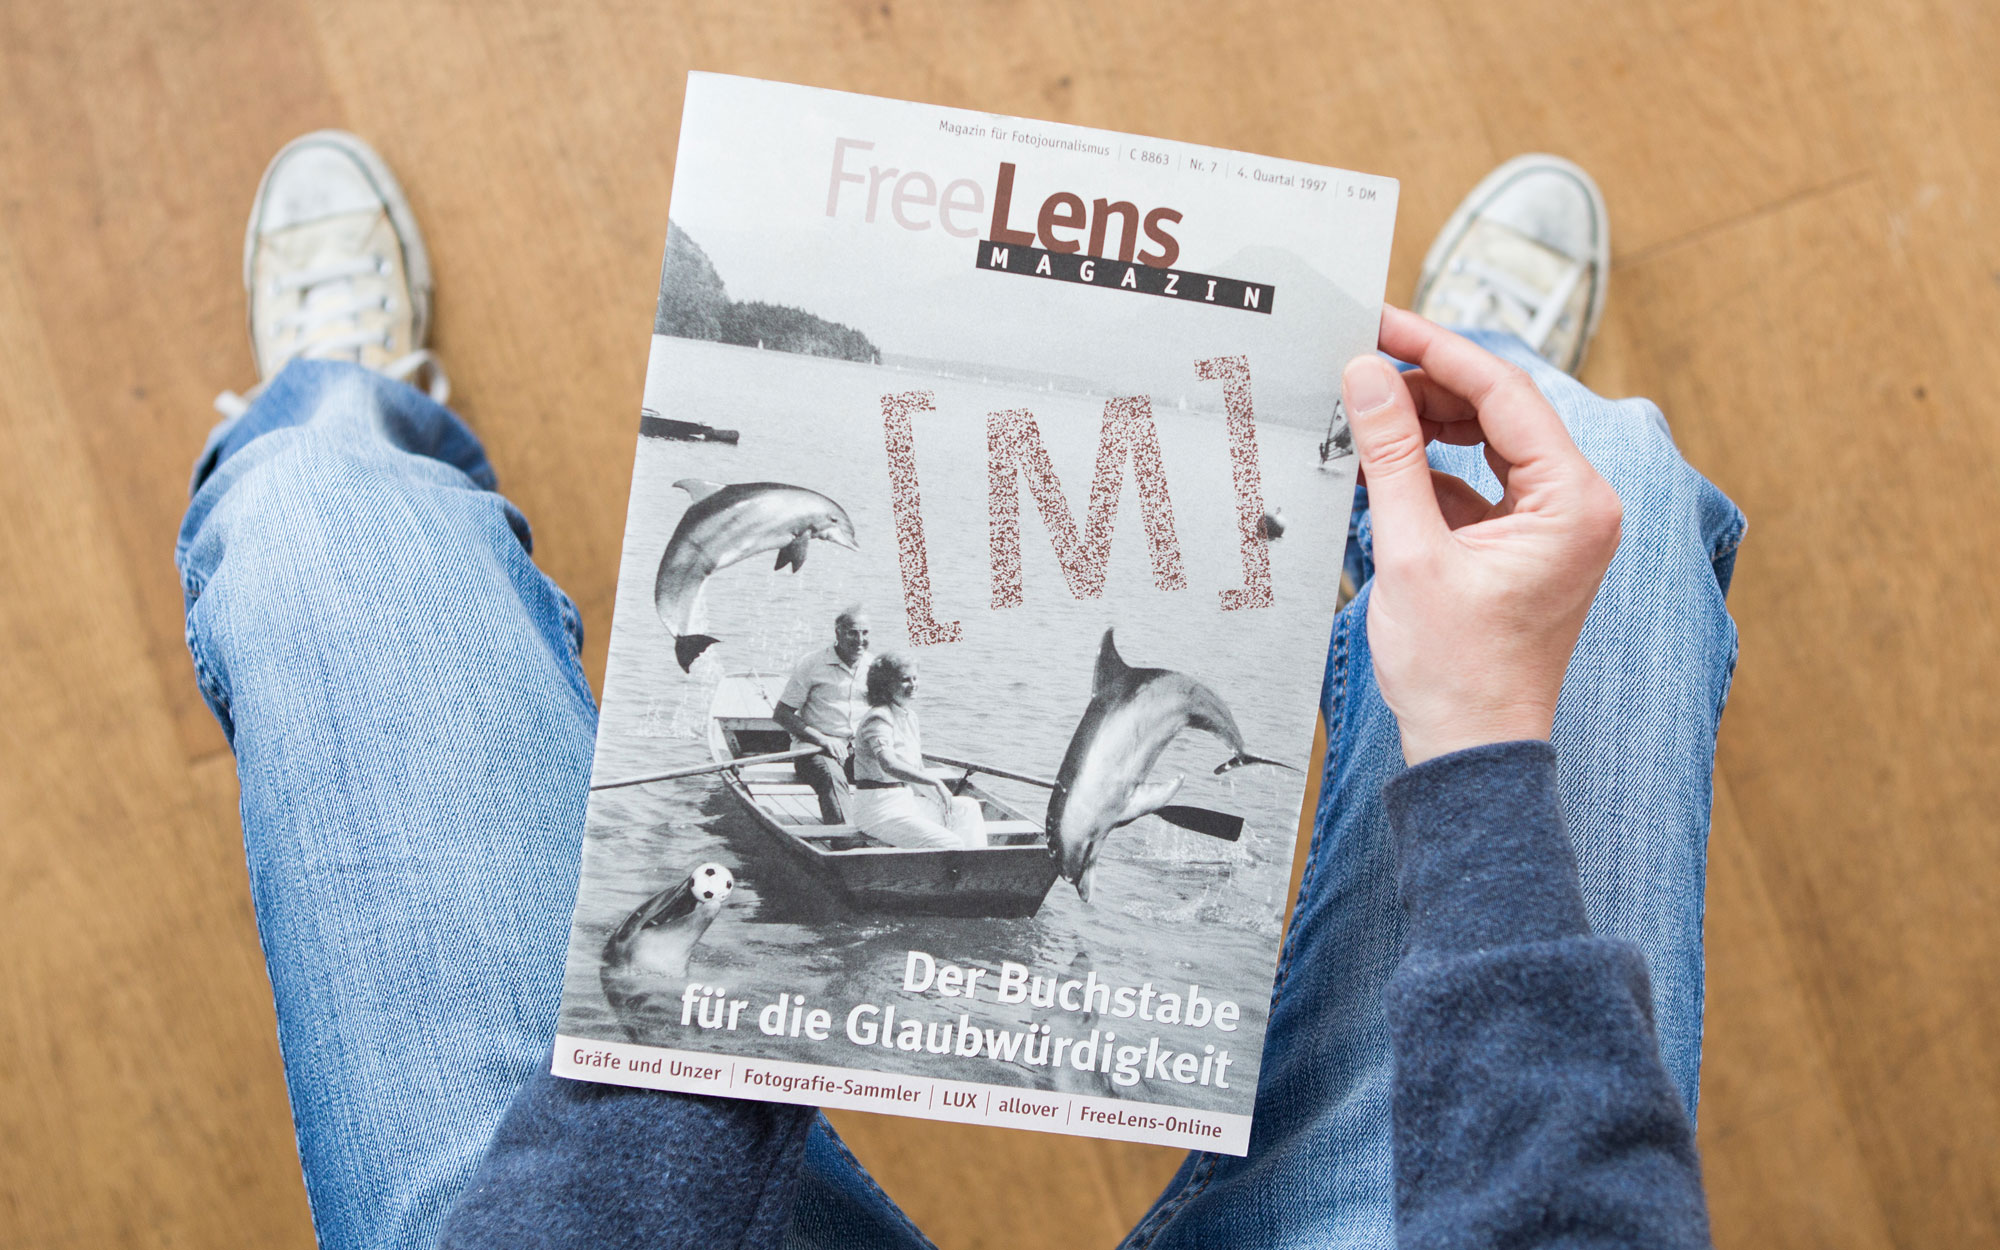 Das FREELENS Magazin mit dem [M]. Natürlich mit einer Montage auf dem Titel, die Fotos dazu stammen von Bundespresseamt und Agentur Focus. Foto: Lucas Wahl